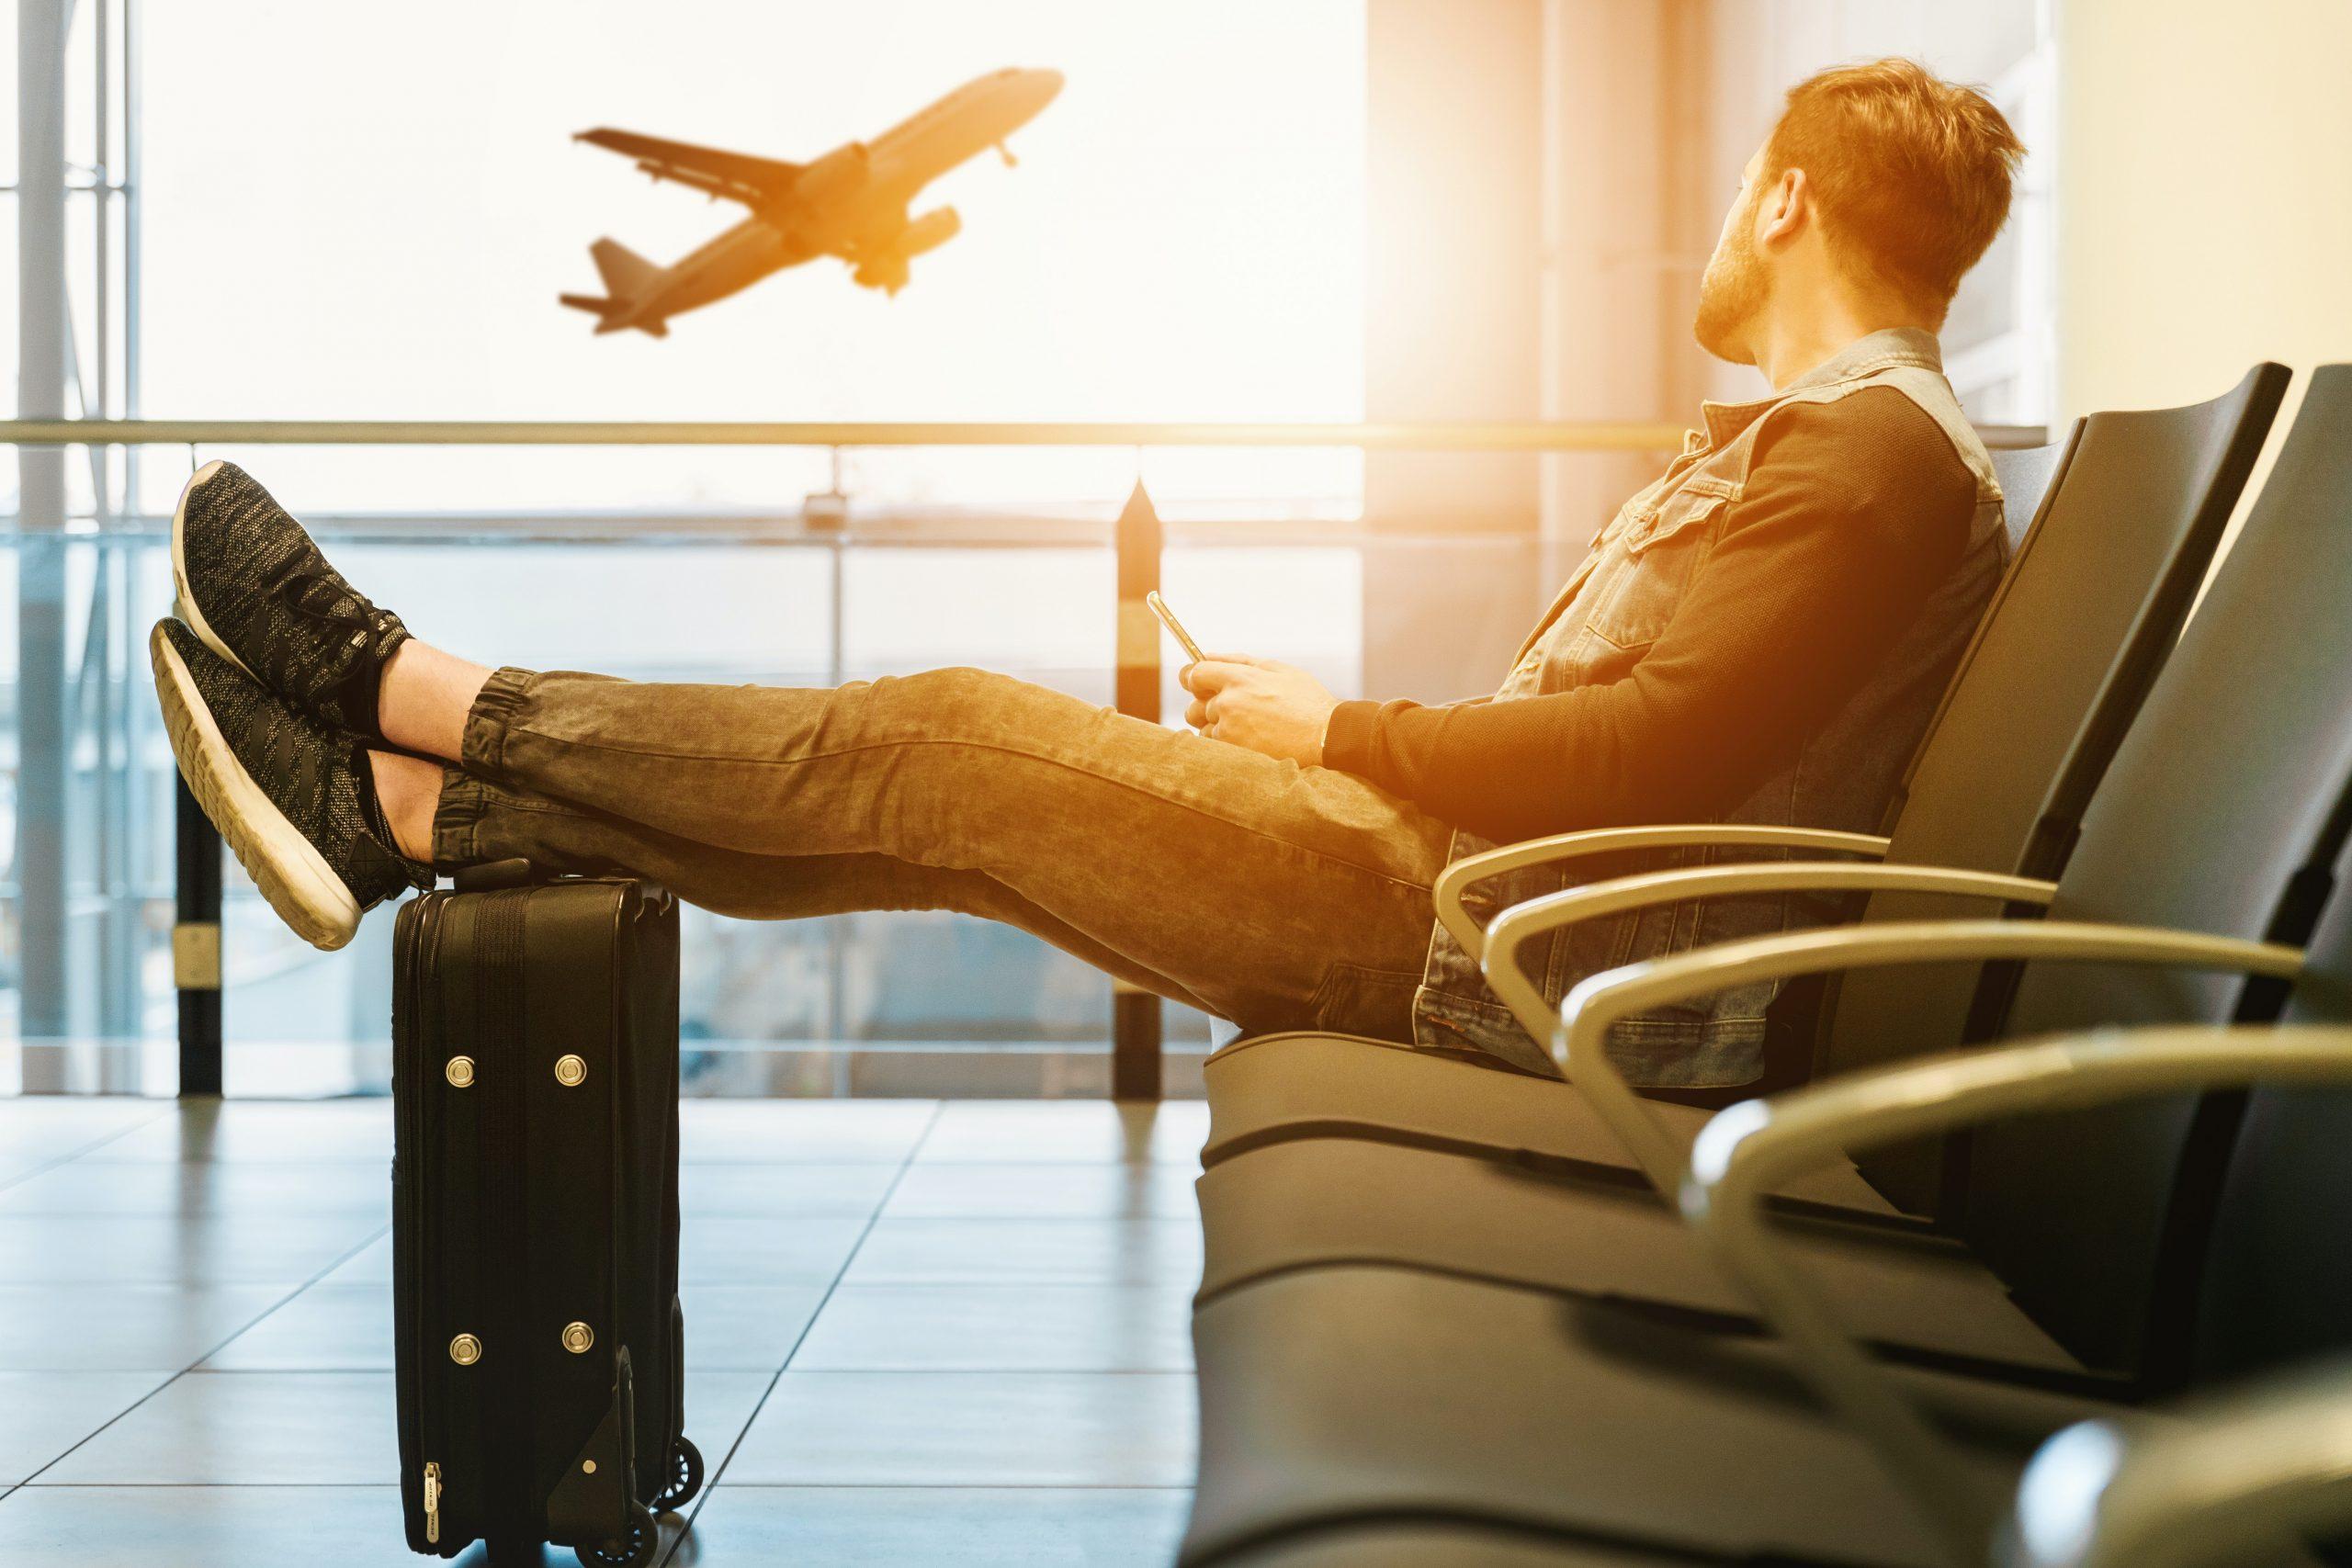 ferias aviao holiday